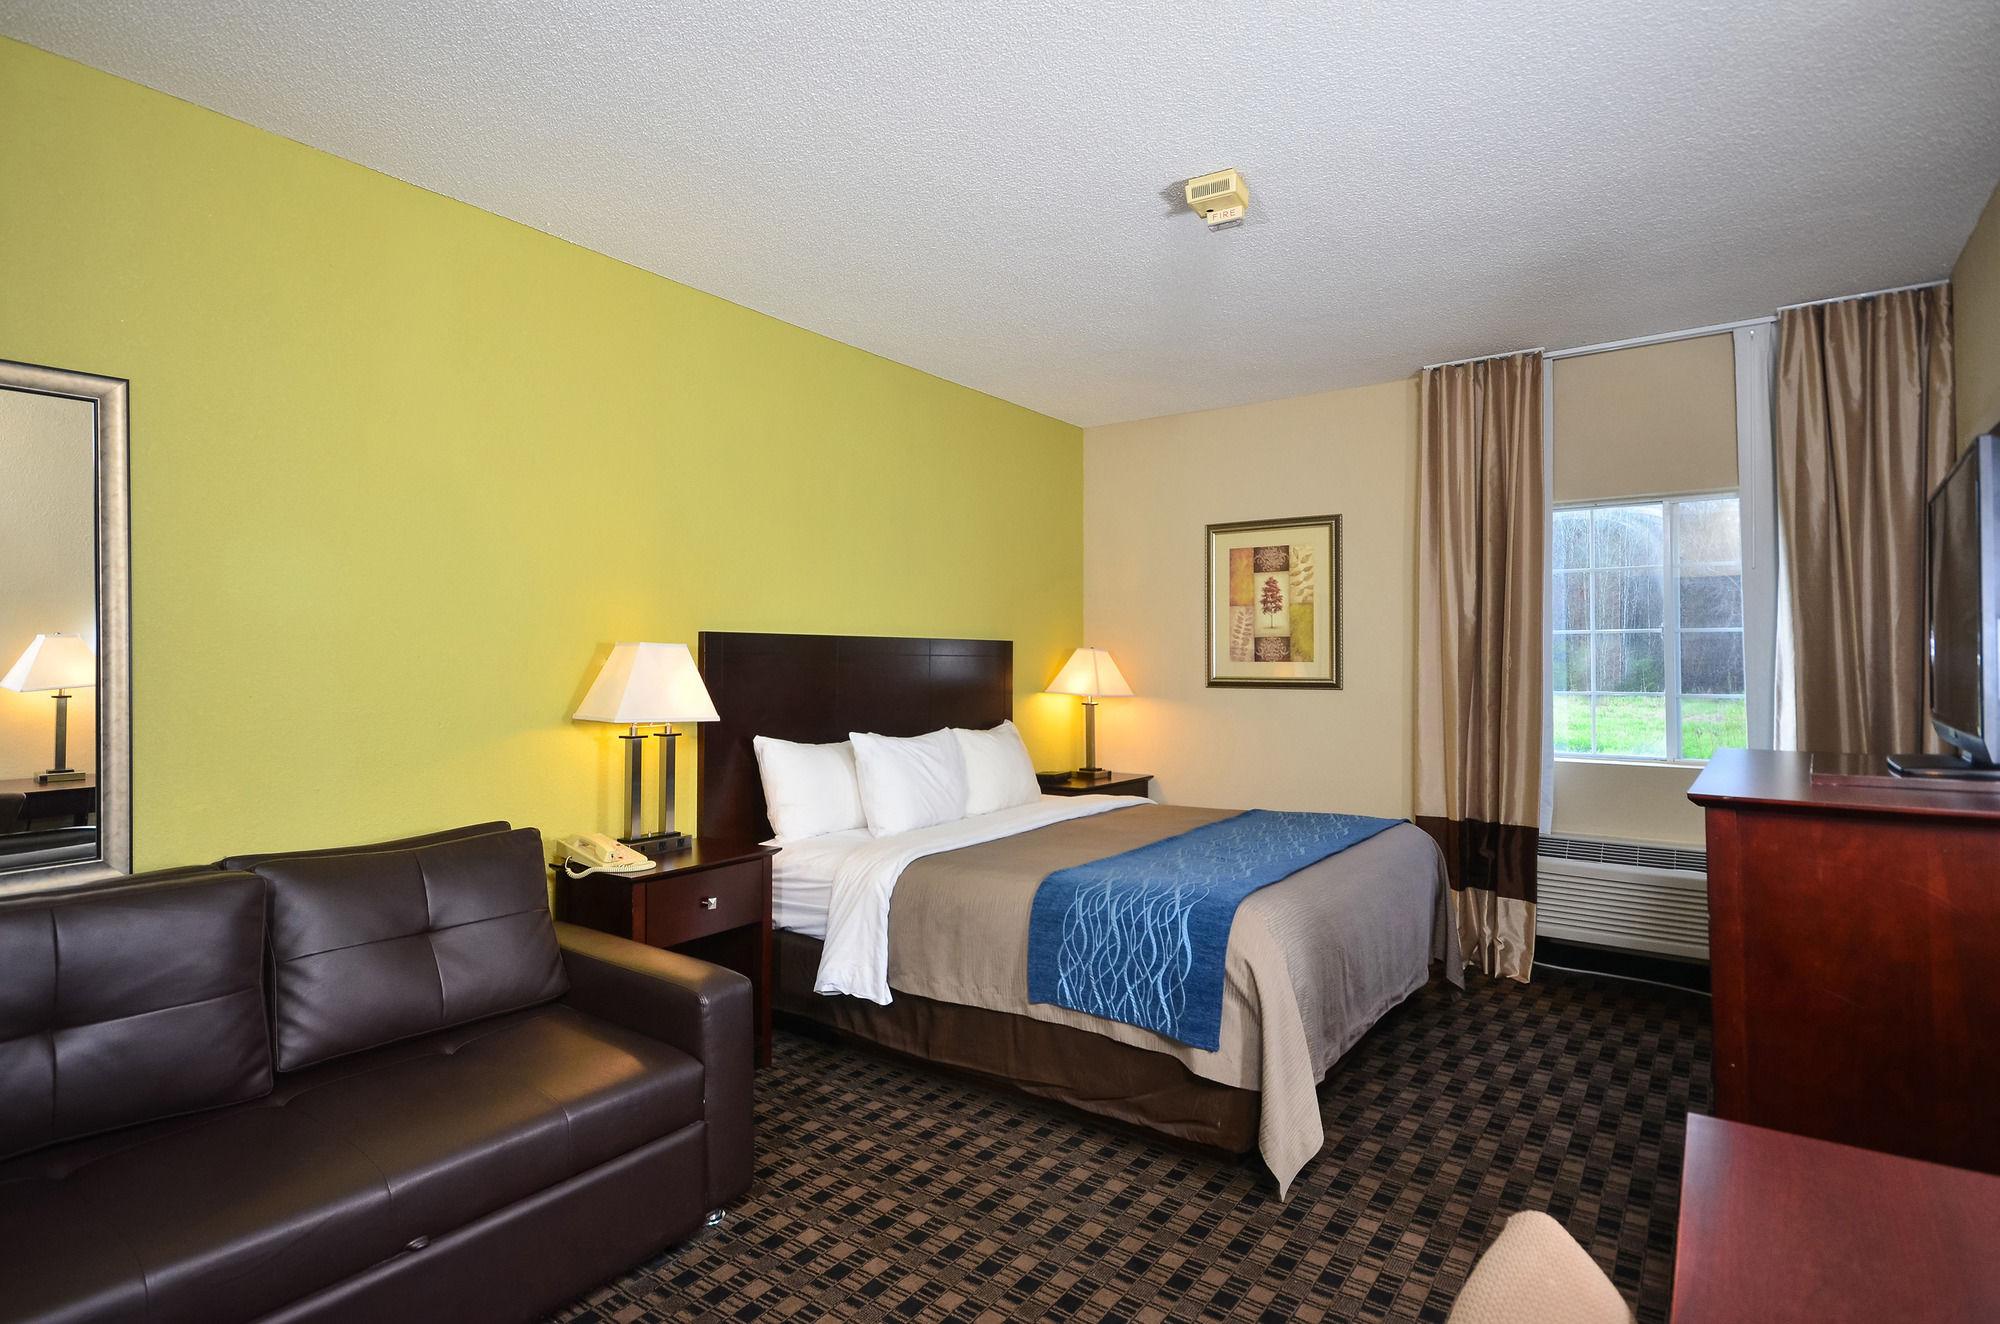 Comfort Inn Decatur in Priceville, AL